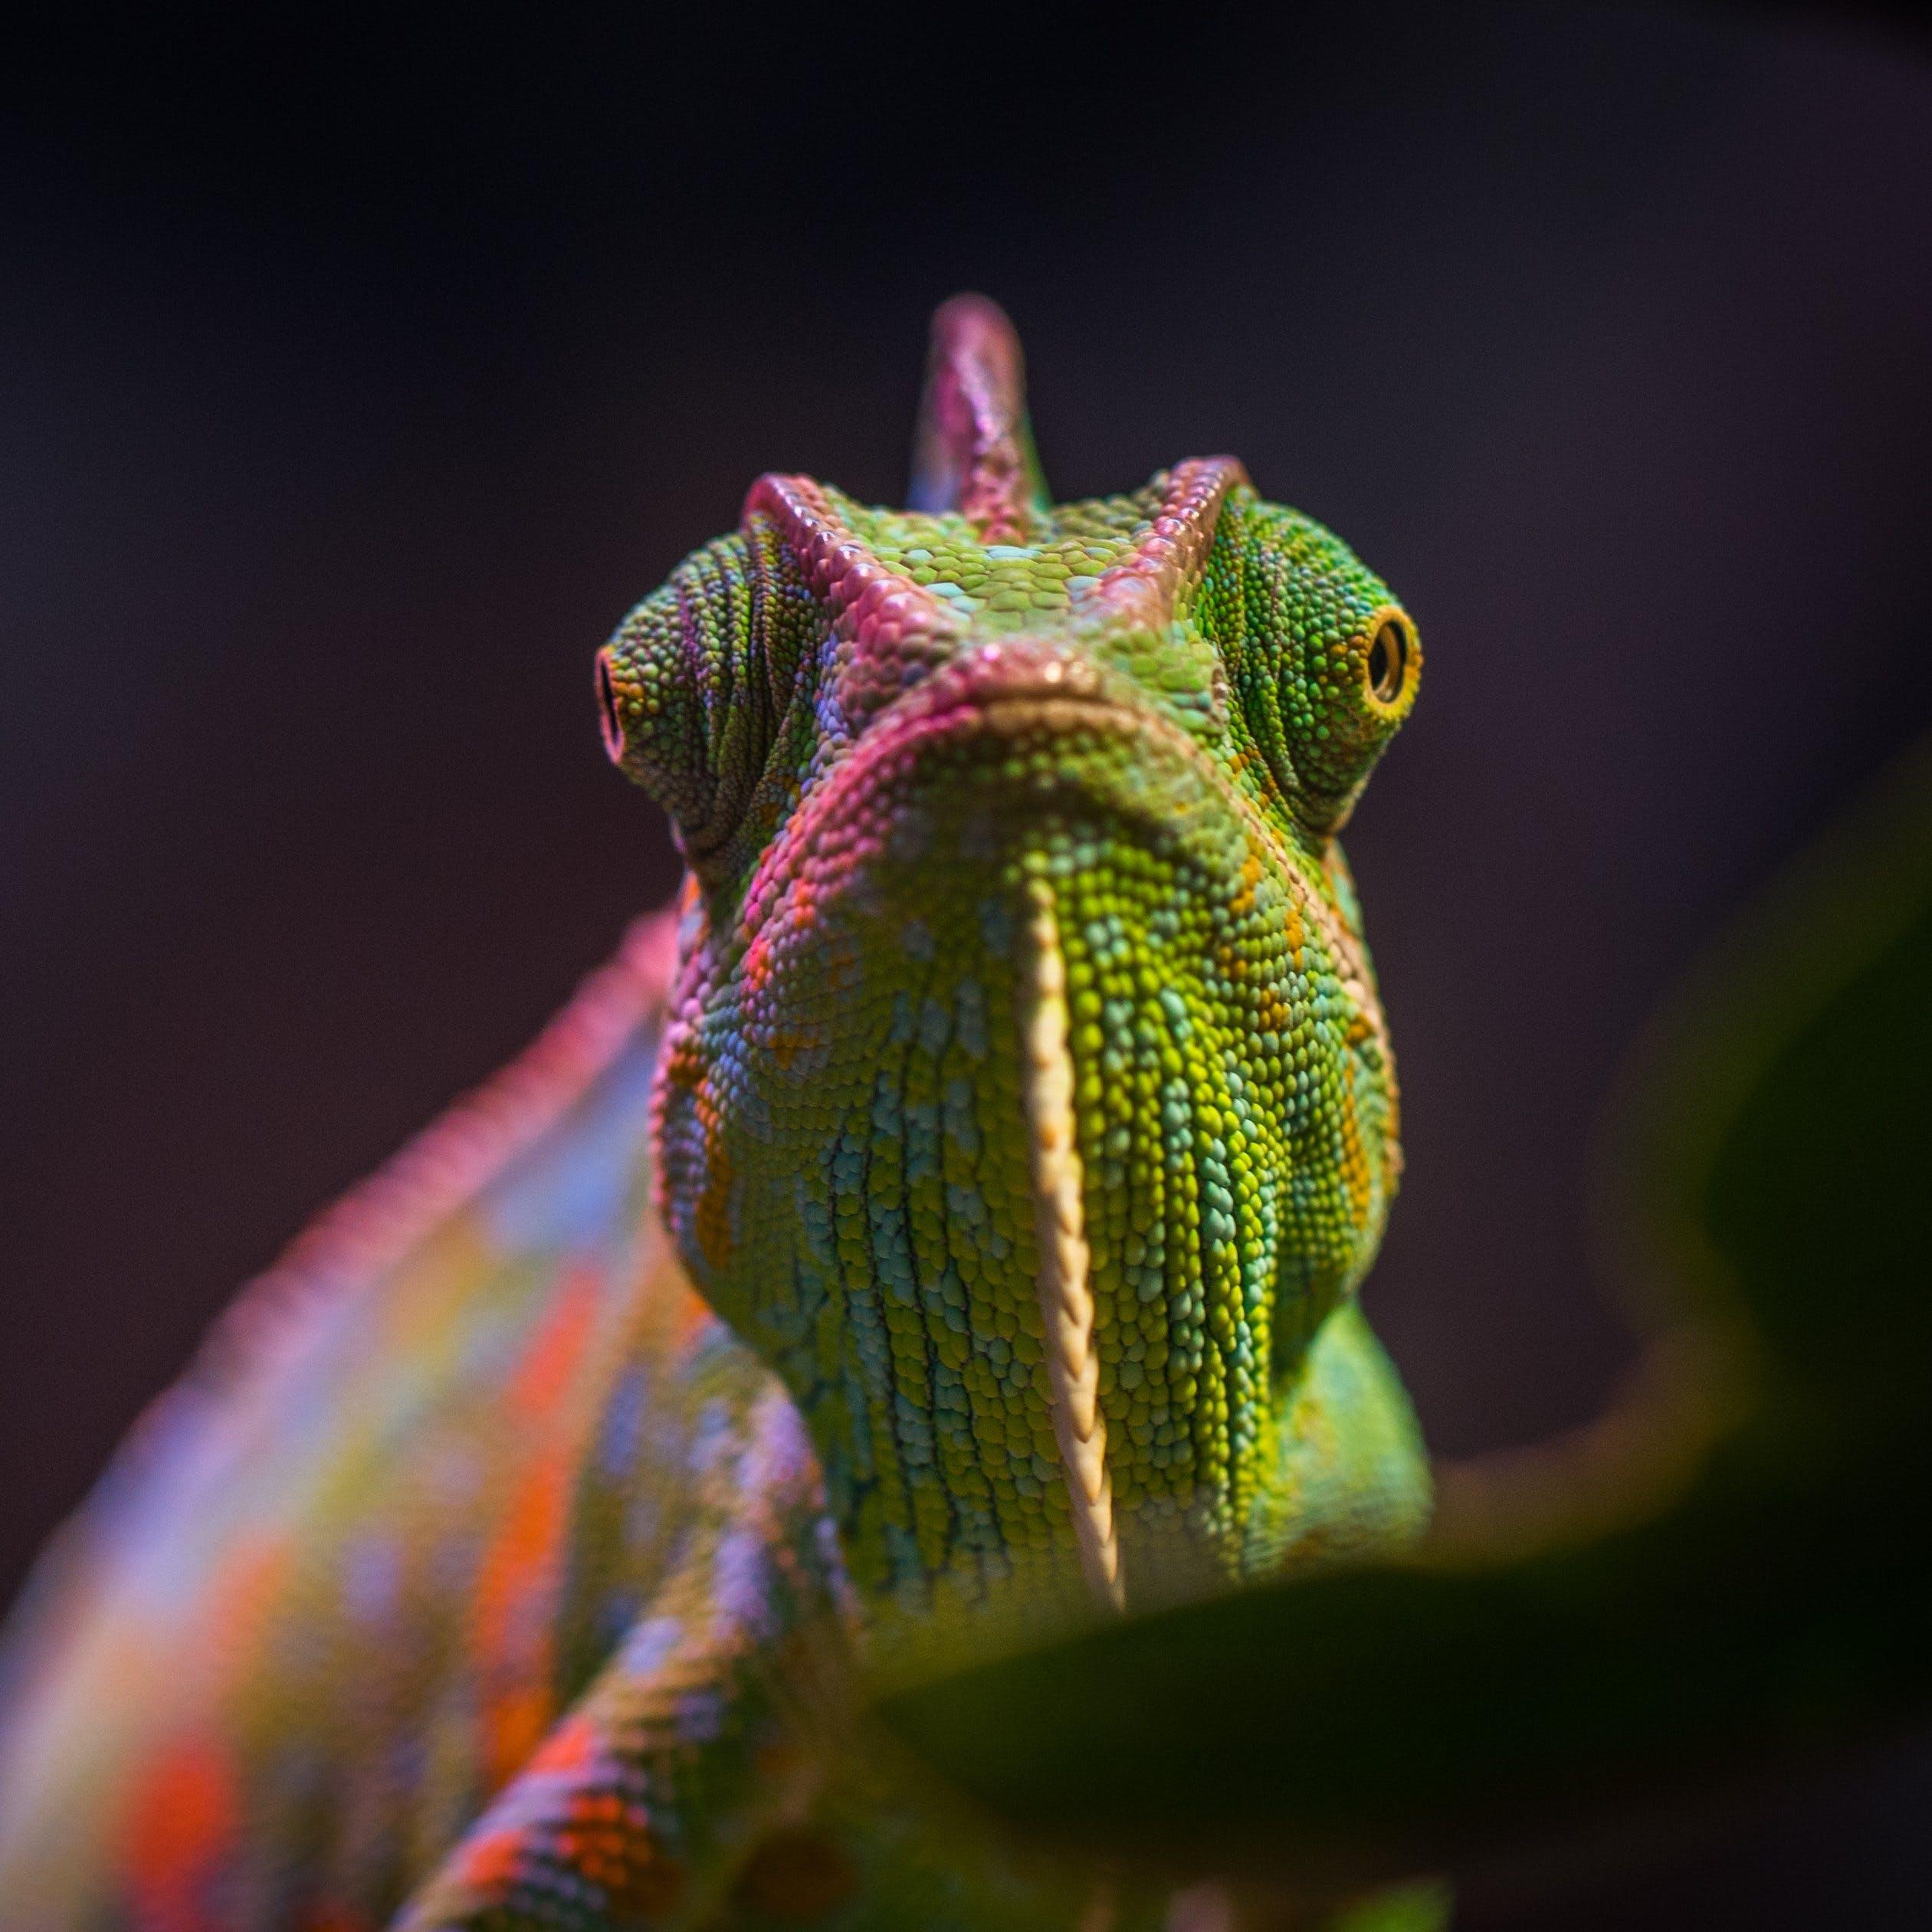 Chameleon vzy2ep9fjb